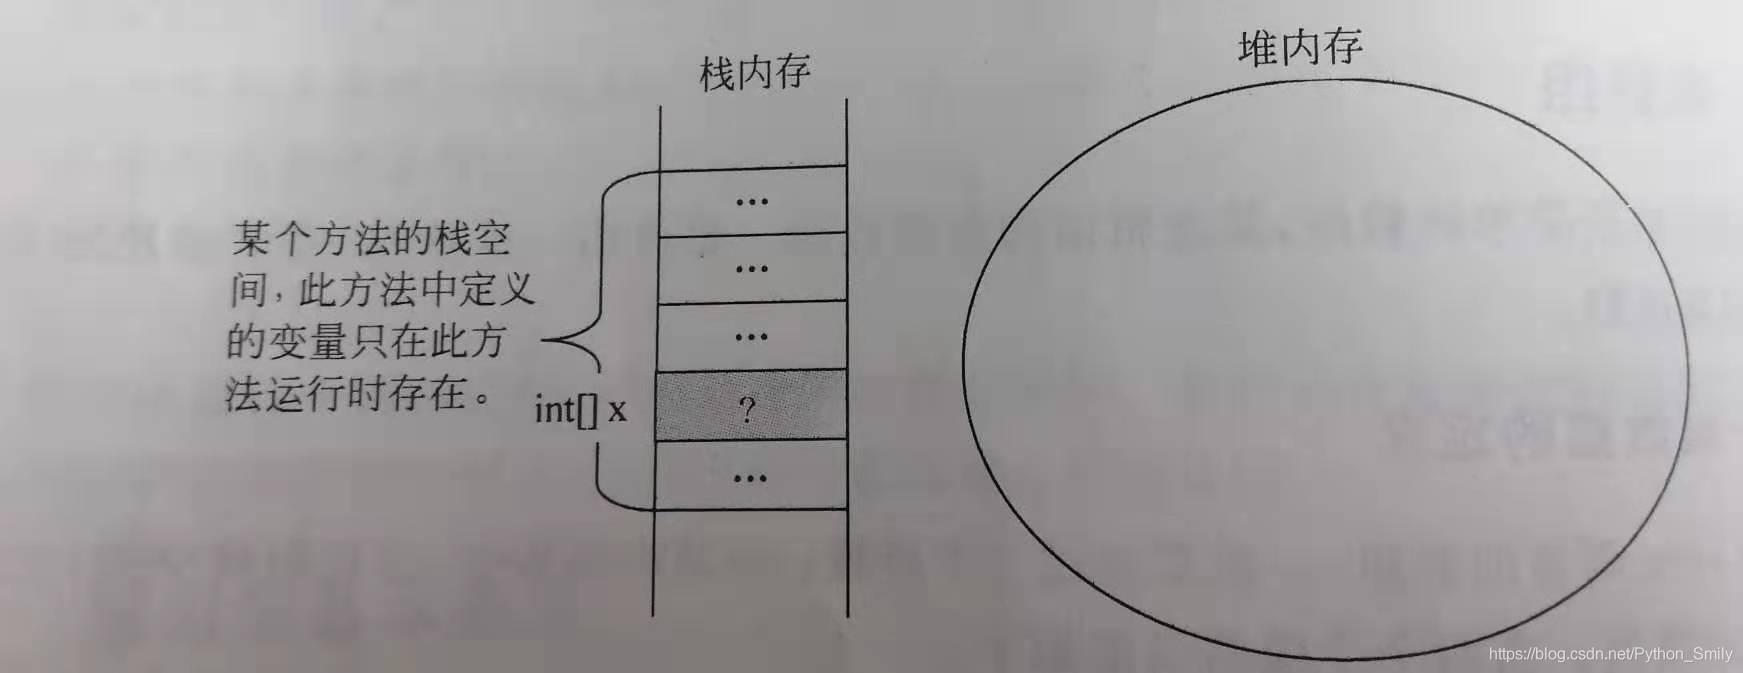 图1.只声明了数组,而没有对其分配内存空间